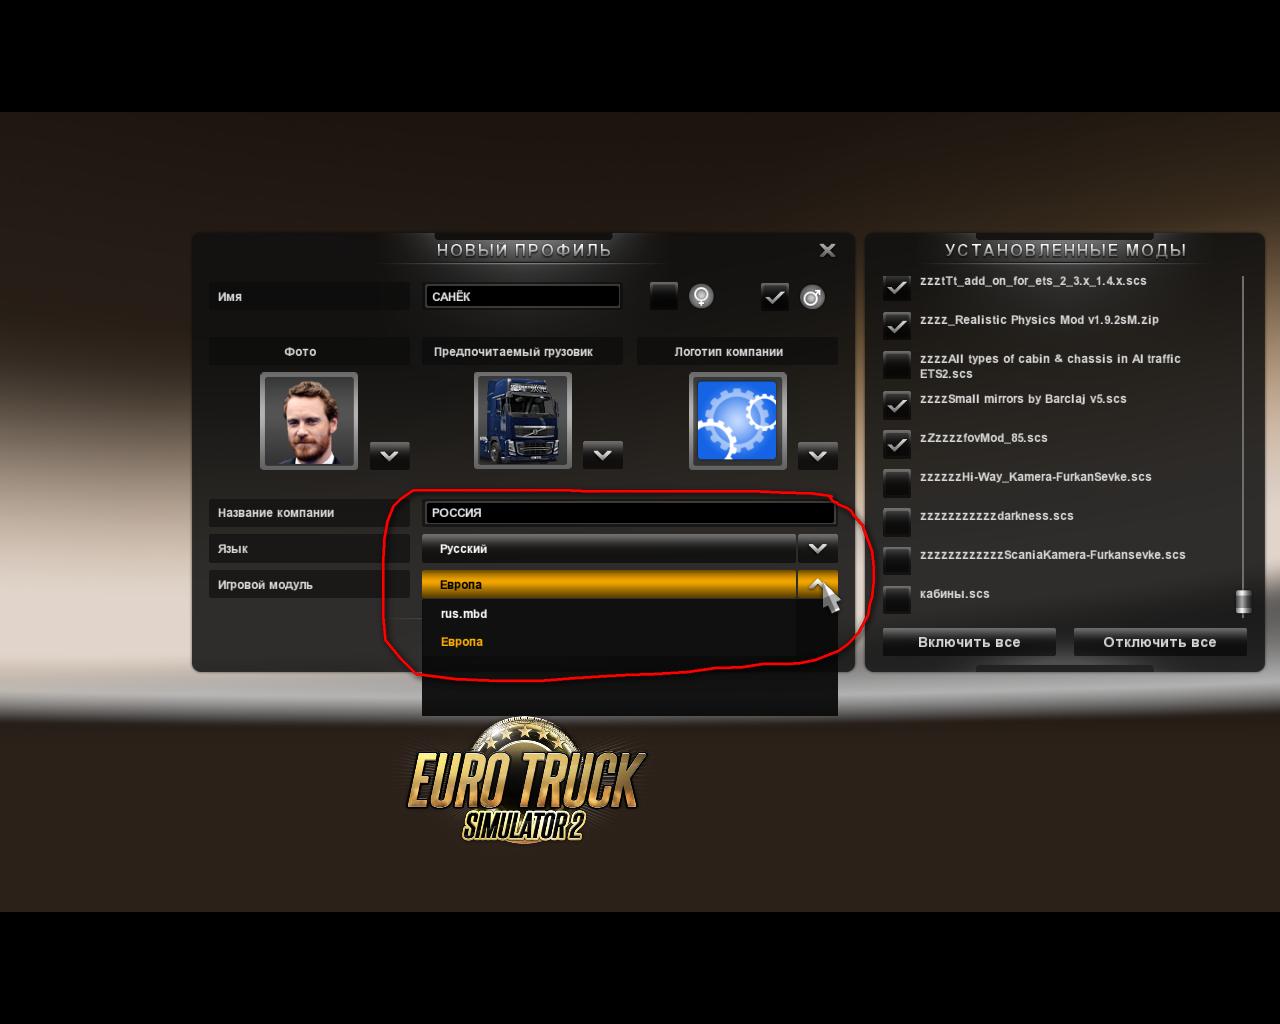 скачать игровой модуль в euro truck simulator 2